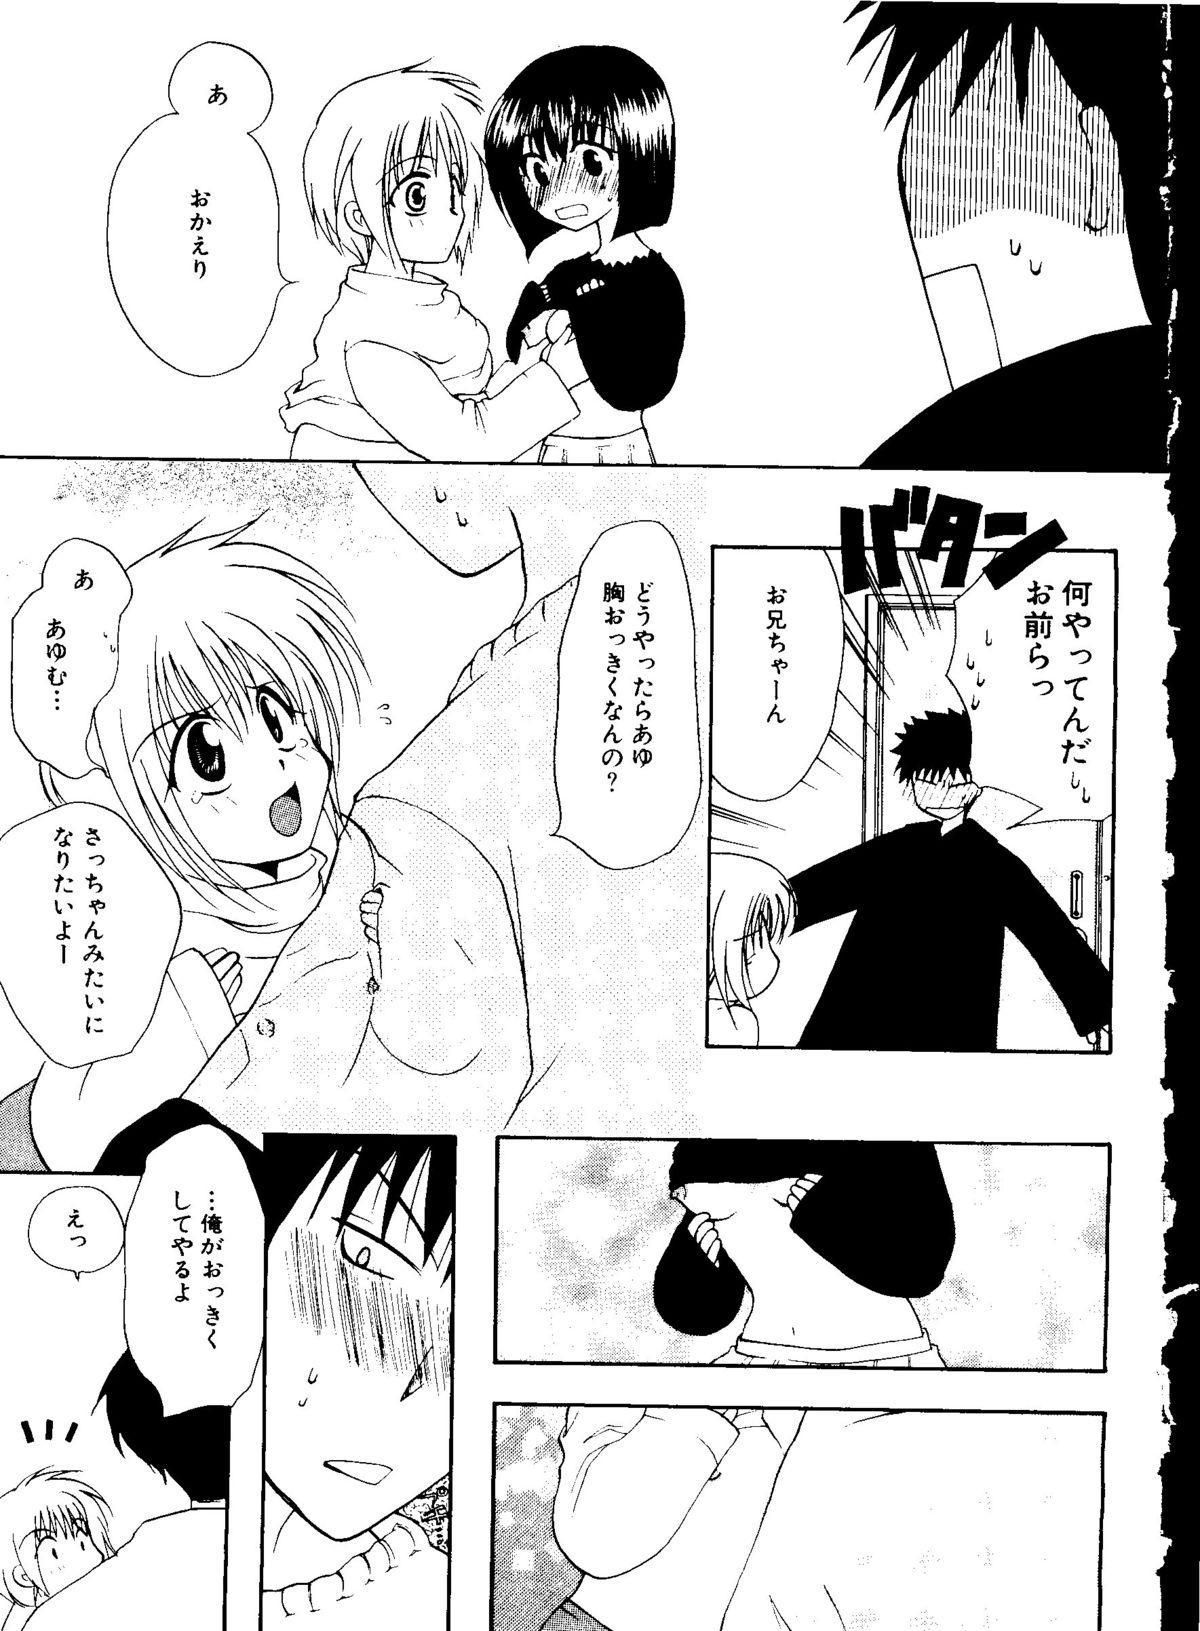 Mujirushi Youhin Vol. 7 67